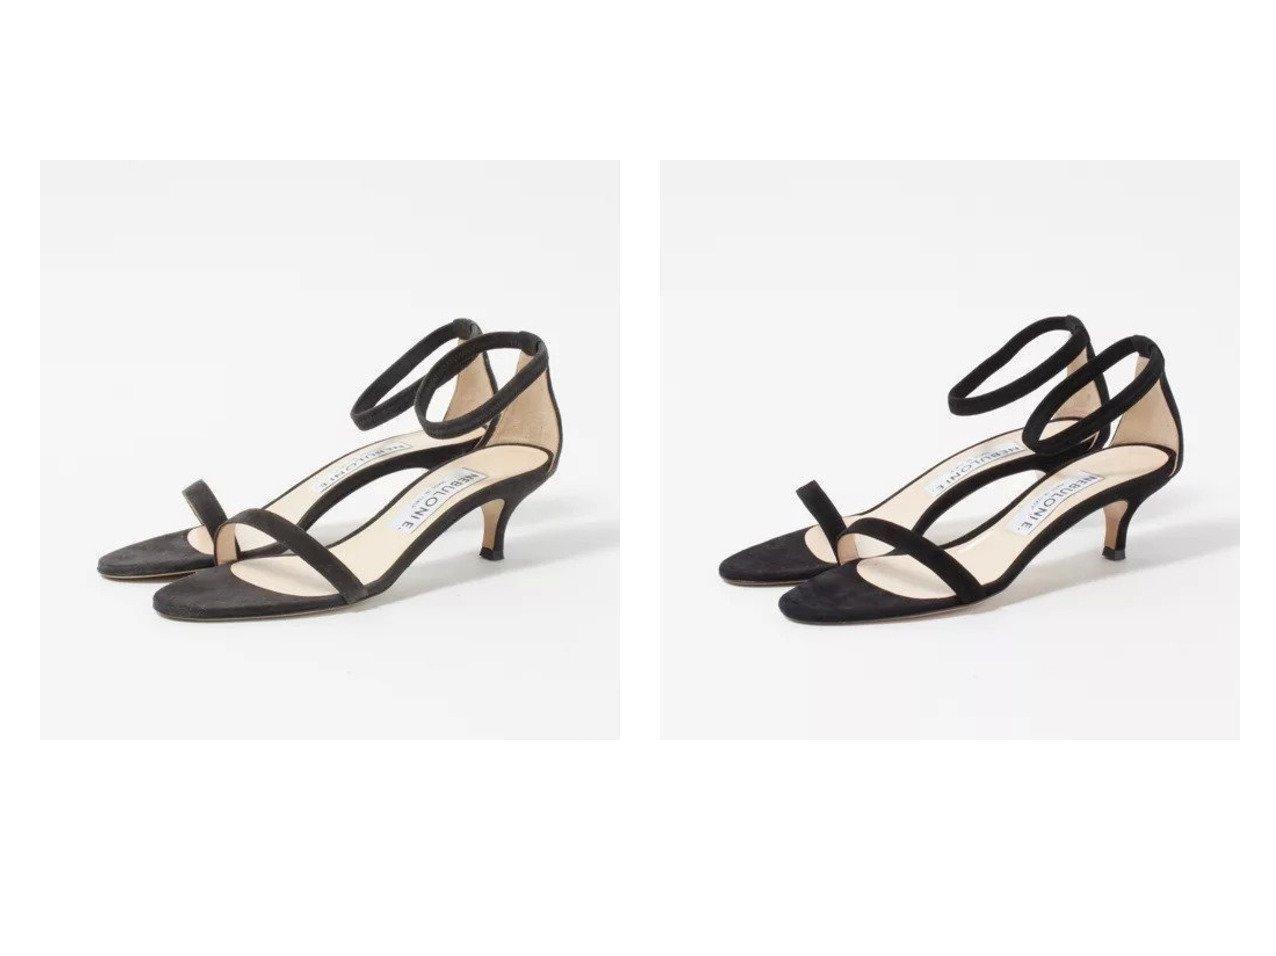 【NEBULONI E/ネブローニ】のアンクルゴムストラップサンダル 【シューズ・靴】おすすめ!人気、トレンド・レディースファッションの通販 おすすめで人気の流行・トレンド、ファッションの通販商品 メンズファッション・キッズファッション・インテリア・家具・レディースファッション・服の通販 founy(ファニー) https://founy.com/ 雑誌掲載アイテム Magazine Items ファッション雑誌 Fashion Magazines エクラ eclat ファッション Fashion レディースファッション WOMEN 2020年 2020 2020春夏・S/S SS・Spring/Summer/2020 4月号 S/S・春夏 SS・Spring/Summer アンクル サンダル シューズ ラップ 人気 雑誌 |ID:crp329100000029183